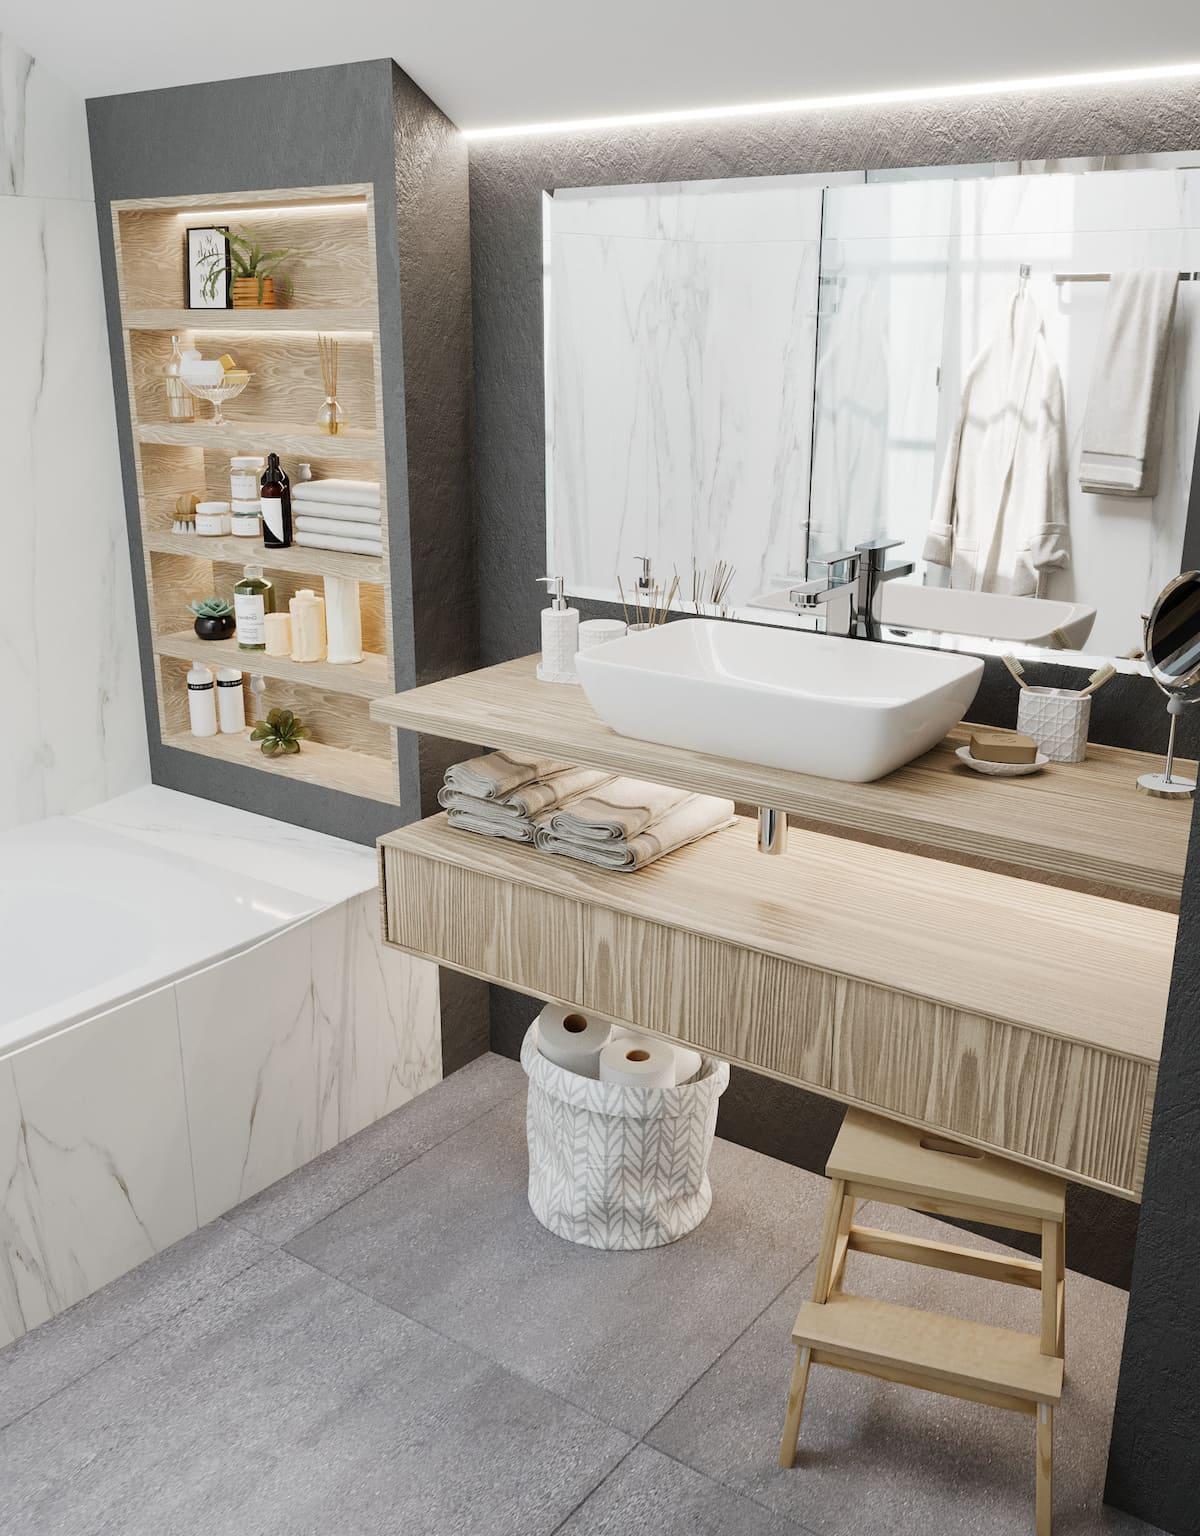 дизайн интерьера ванной комнаты фото 41